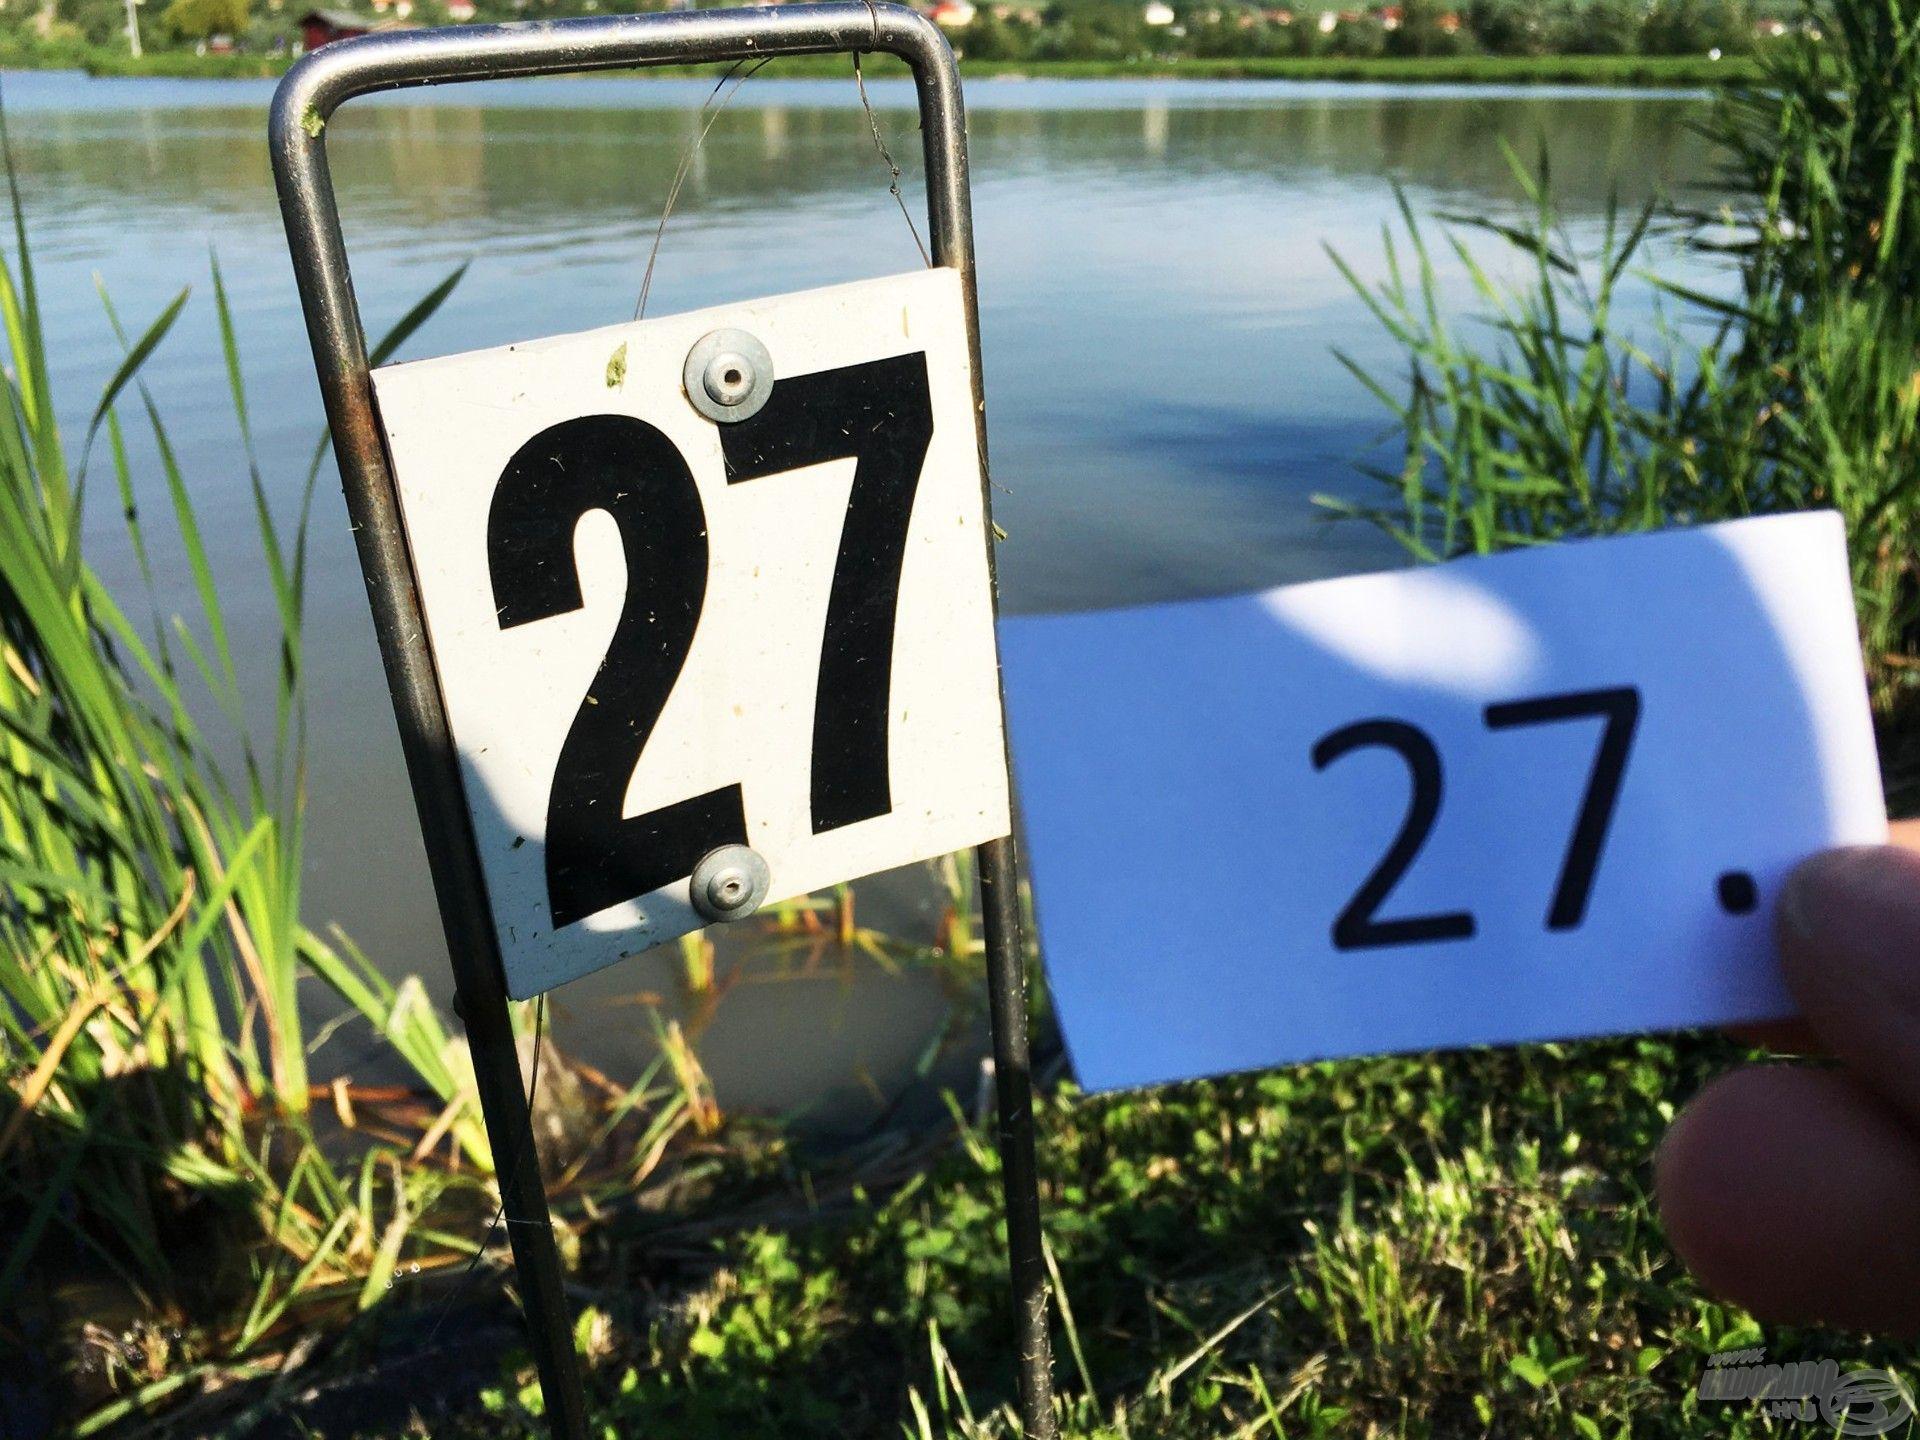 A 27-es hely… Vajon mit tartogat számomra?